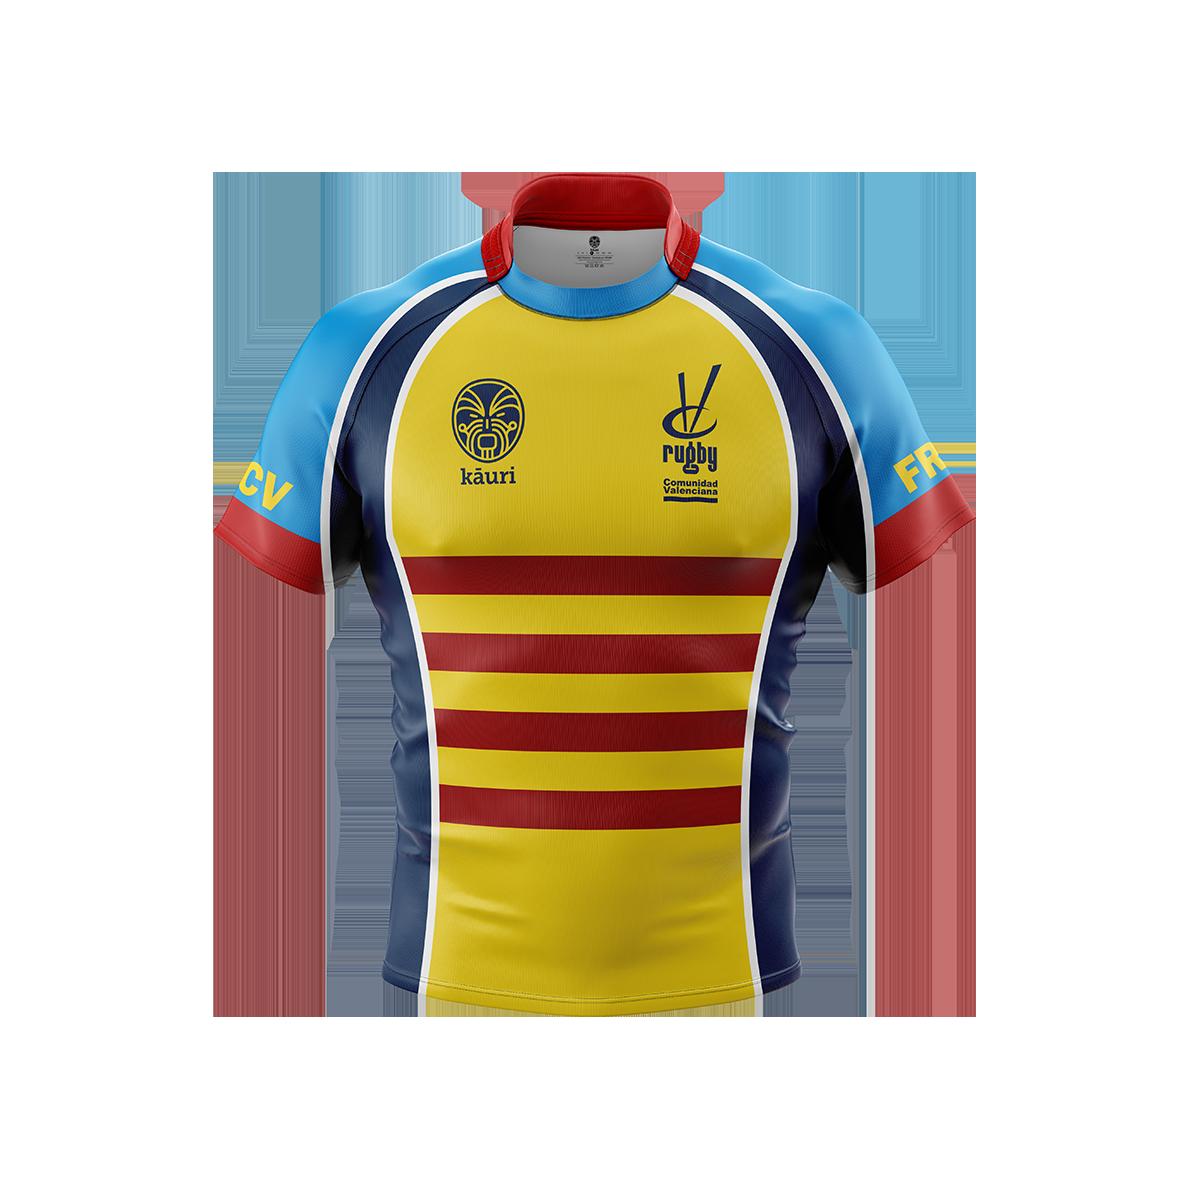 Camiseta FRCV (Federación Rugby Comunidad Valenciana) de juego - Kauri Sport 95d9050535a19